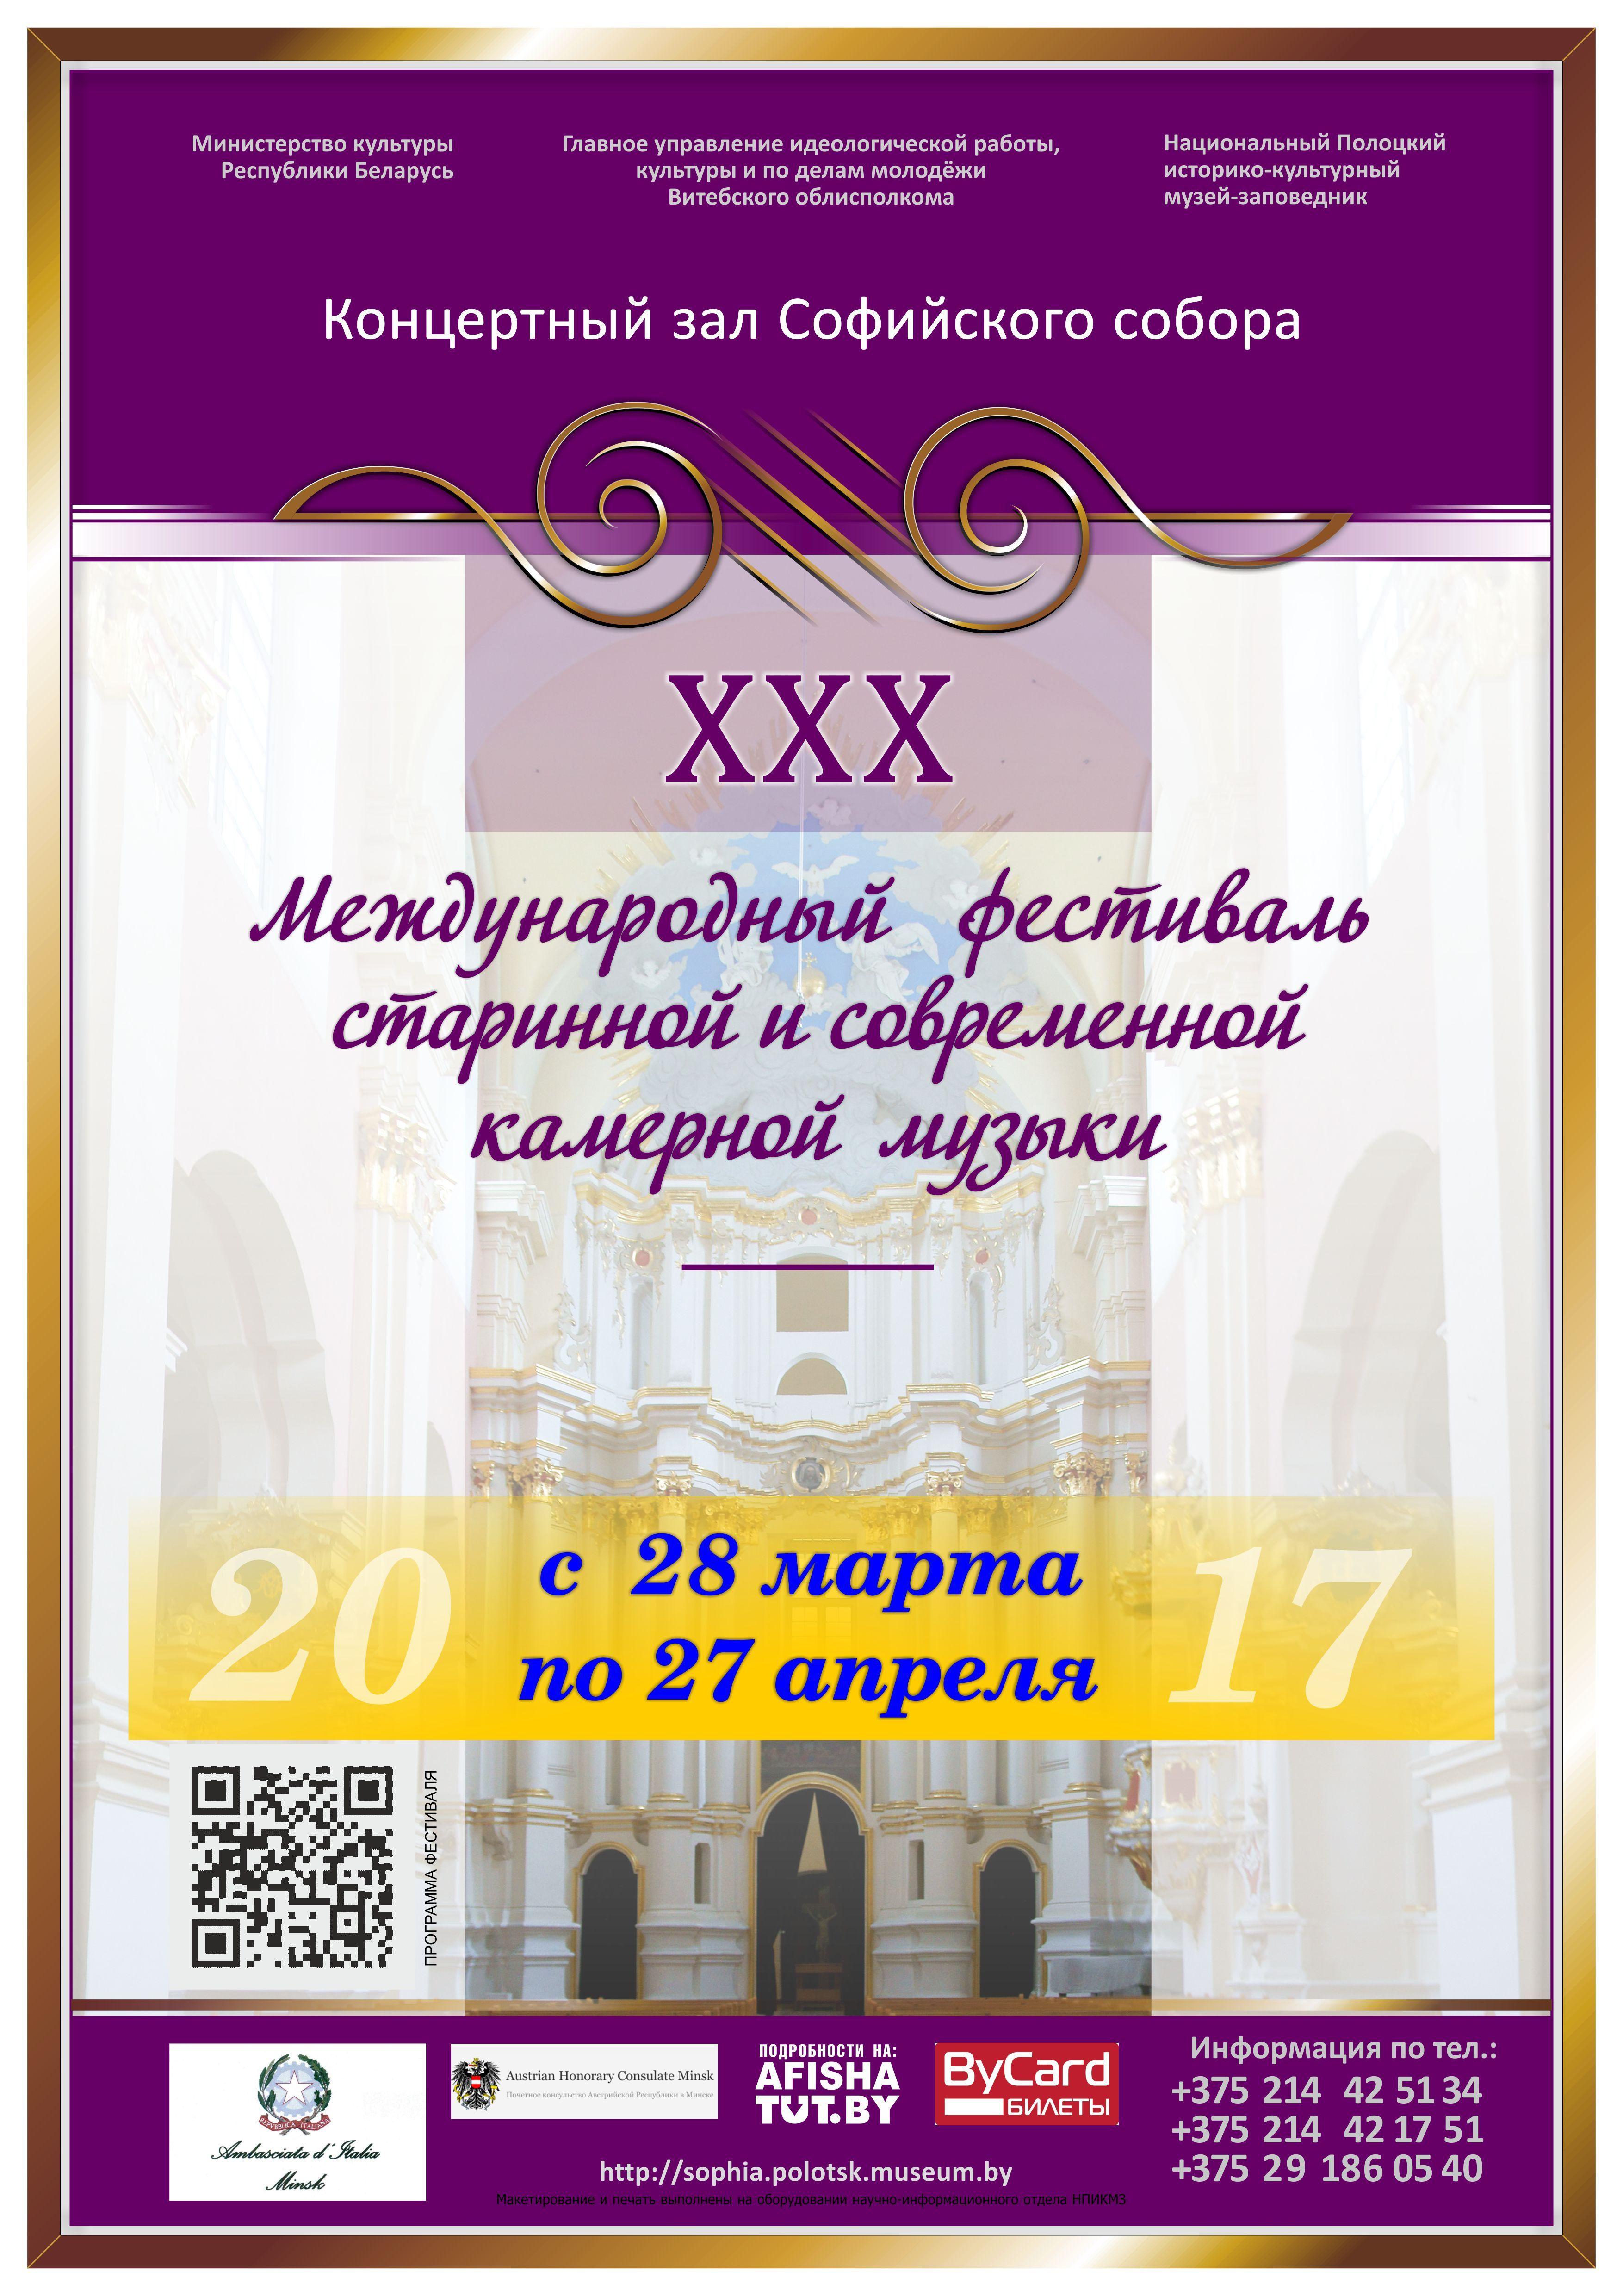 Приглашаем на мероприятия ХХХ Международного фестиваля старинной и современной камерной музыки